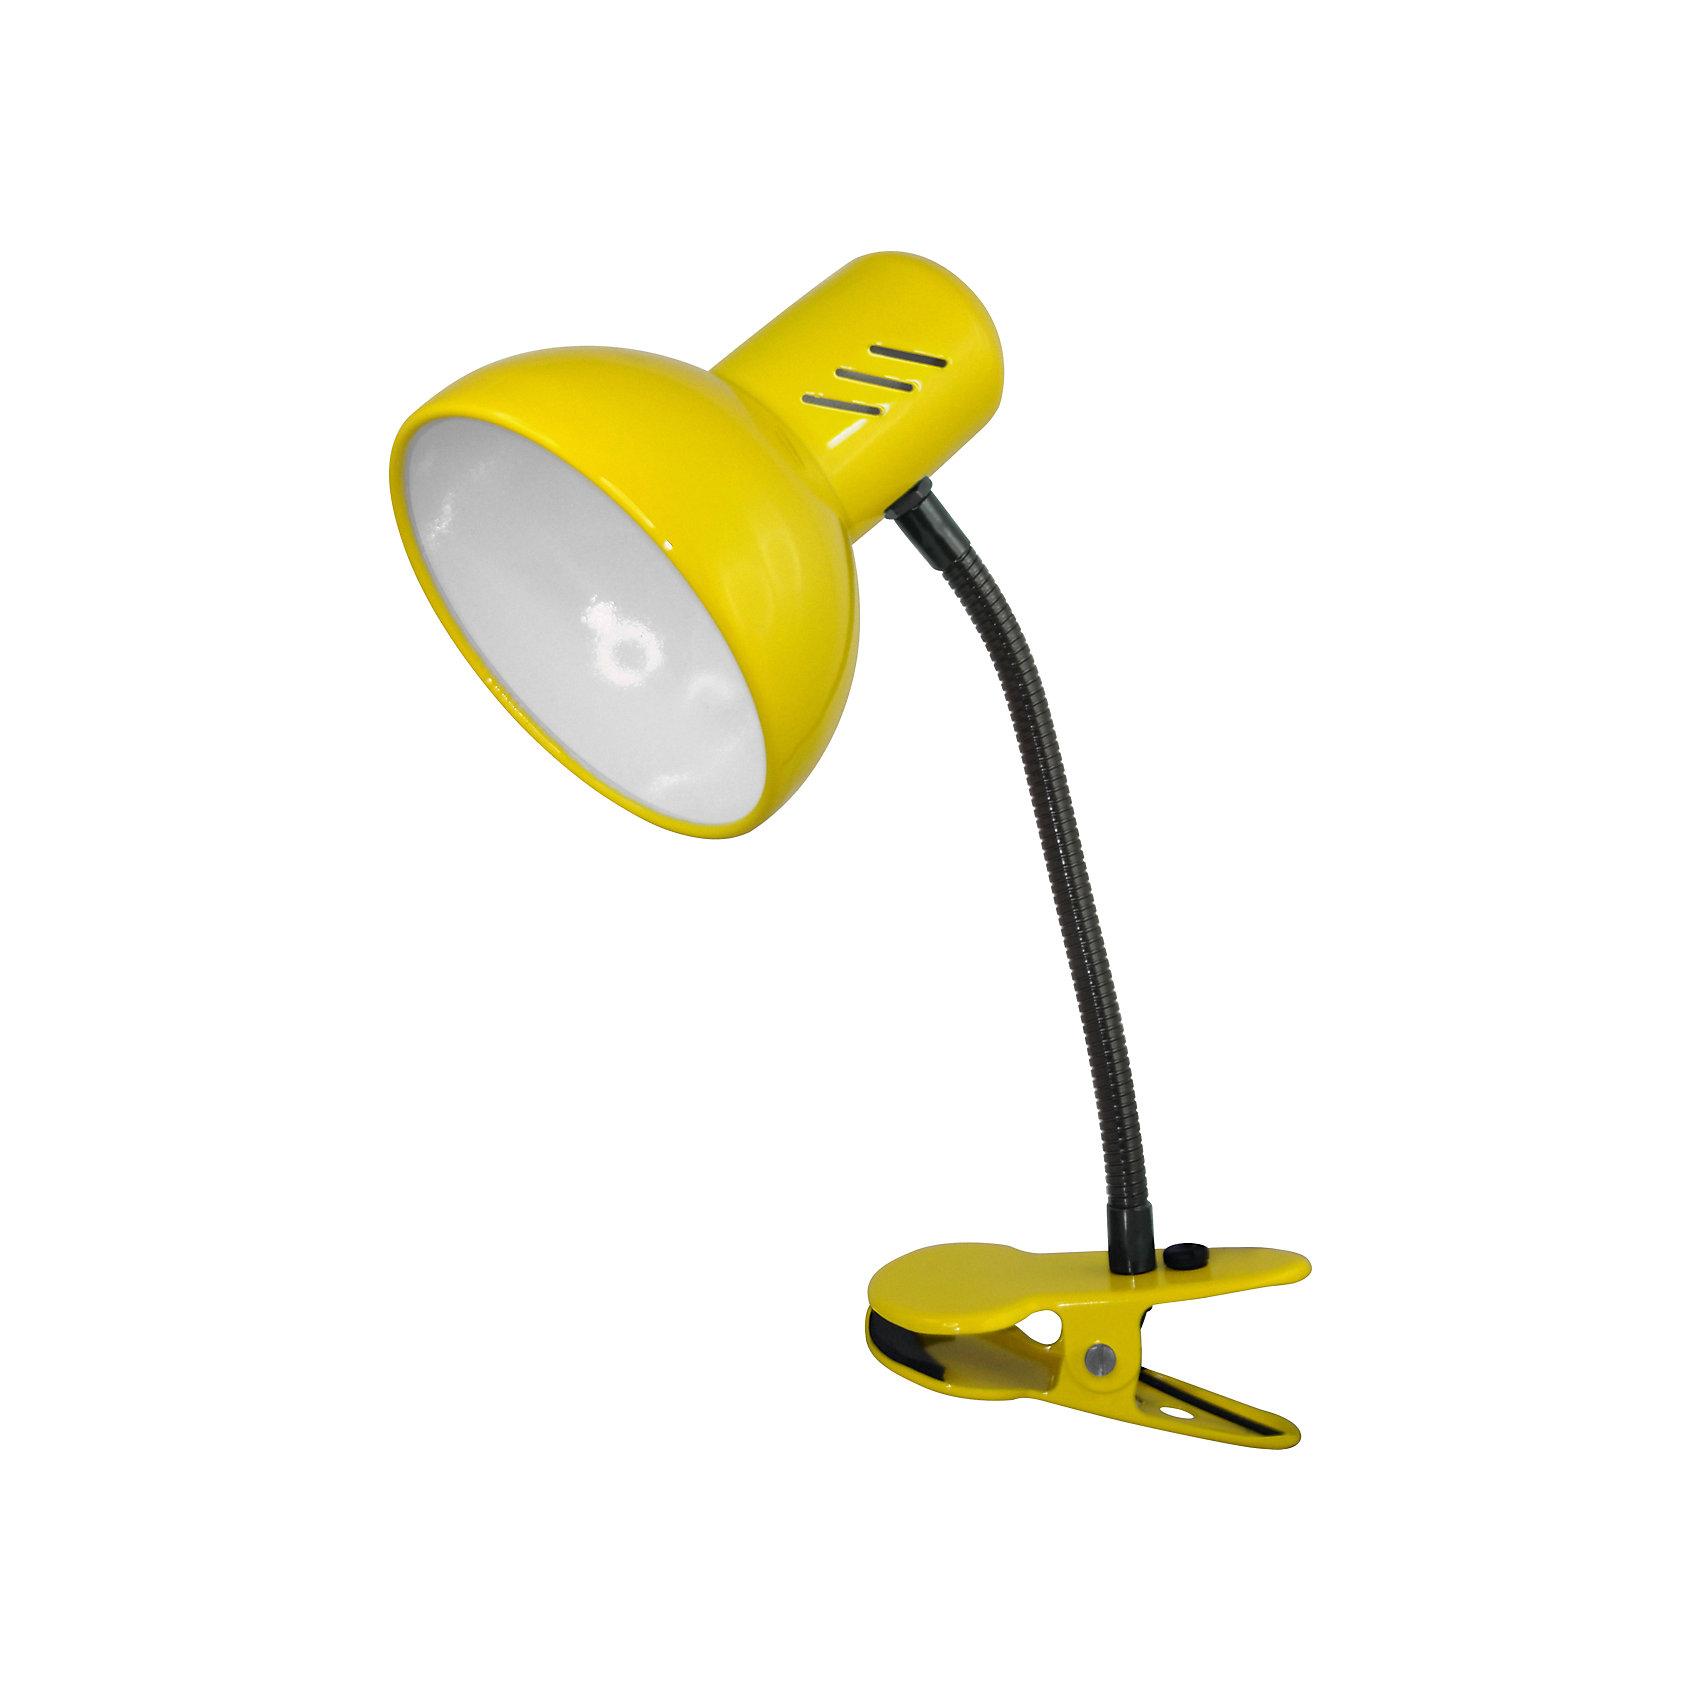 Настольный светильник Прищепка 40Вт ЛН, Ultra Light, желтыйЖёлтый светильник, 40 Вт – это классический светильник для освещения рабочего стола.<br>Жёлтый светильник классического дизайна идеально подойдет для освещения рабочего места дома и в офисе. Светильник крепиться с помощью зажима-прищепки. Плафон изготовлен из облегчённого металла, покрыт специальной устойчивой эмалью. Патрон светильника прочно закреплён, изготовлен из керамики. Сетевой шнур с вилкой длиной 1,8м. имеет двойную изоляцию, не требует заземления. Вилка изготовлена из пластичного материала, предотвращающего появление трещин. Светильник удобен и практичен в использовании.<br><br>Дополнительная информация: <br><br>- Материал плафона: металл<br>- Цвет: жёлтый<br>- Питание: от сети 220В<br>- Тип цоколя: E27<br>- Мощность лампы: 40 Вт<br>- Длина шнура питания с вилкой: 1,8 м.<br>- Размер светильника: 17х22,5х12,5 см.<br>- Размер упаковки: 24х16х14 см.<br>- Вес: 642 гр.<br><br>Жёлтый светильник, 40 Вт можно купить в нашем интернет-магазине.<br><br>Ширина мм: 240<br>Глубина мм: 160<br>Высота мм: 140<br>Вес г: 642<br>Возраст от месяцев: 36<br>Возраст до месяцев: 192<br>Пол: Унисекс<br>Возраст: Детский<br>SKU: 4641471